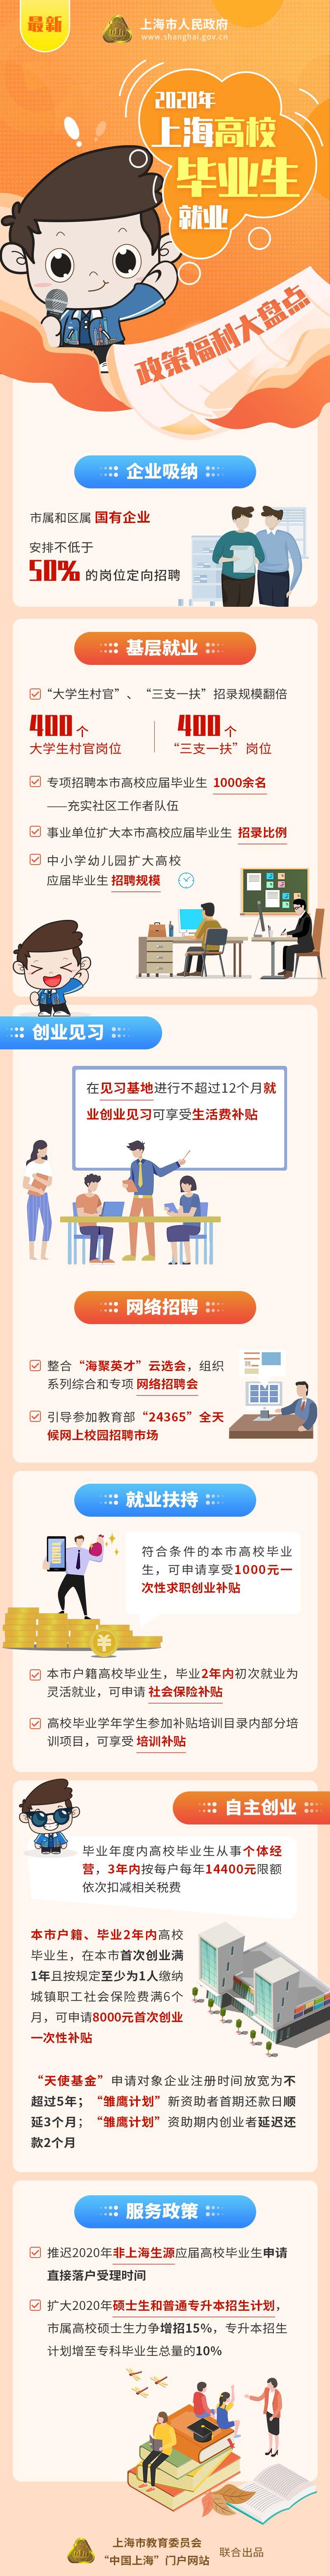 2020年上海三支一扶考试将提供400个岗位,扩招明显!